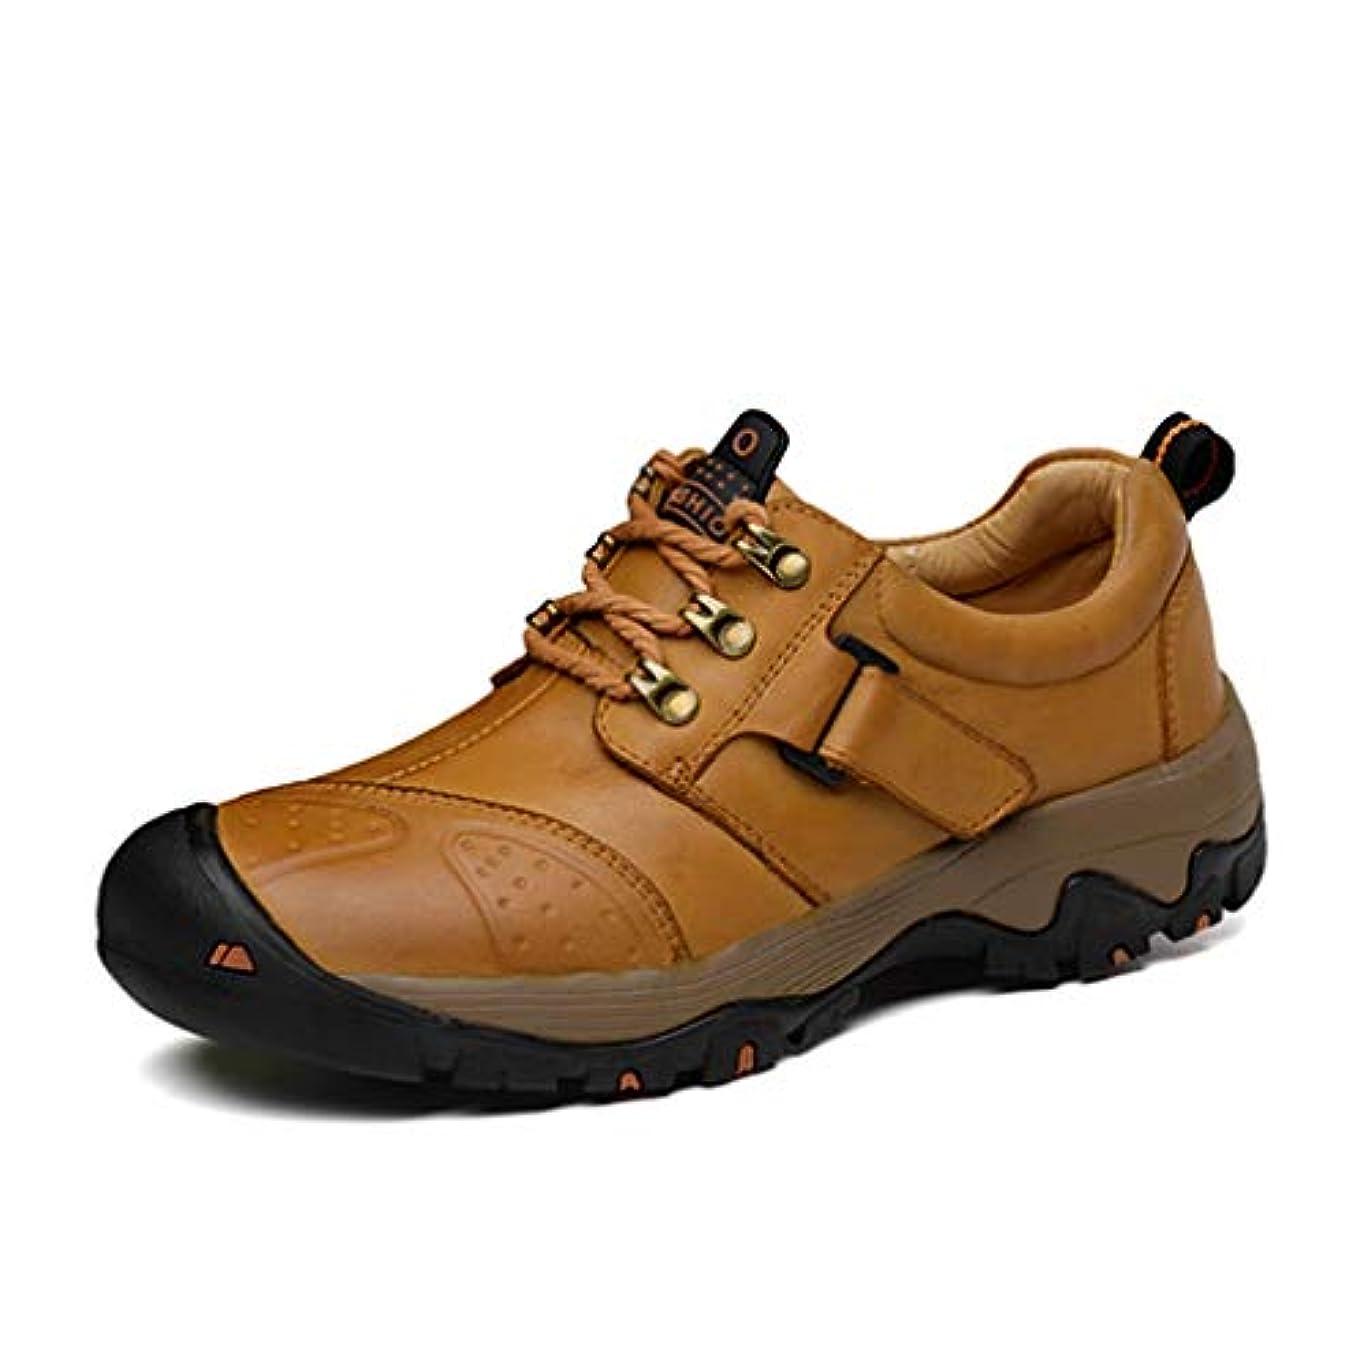 利点人柄送金[Dong] メンズローカットクライミングシューズ 通気性 スリッポン コンフォートシューズ防水 防臭 本革 幅広 柔軟 スニーカー ウォーキング シューズ アウトドアおしゃれ スポーツ 靴 大きいサイズ走れる